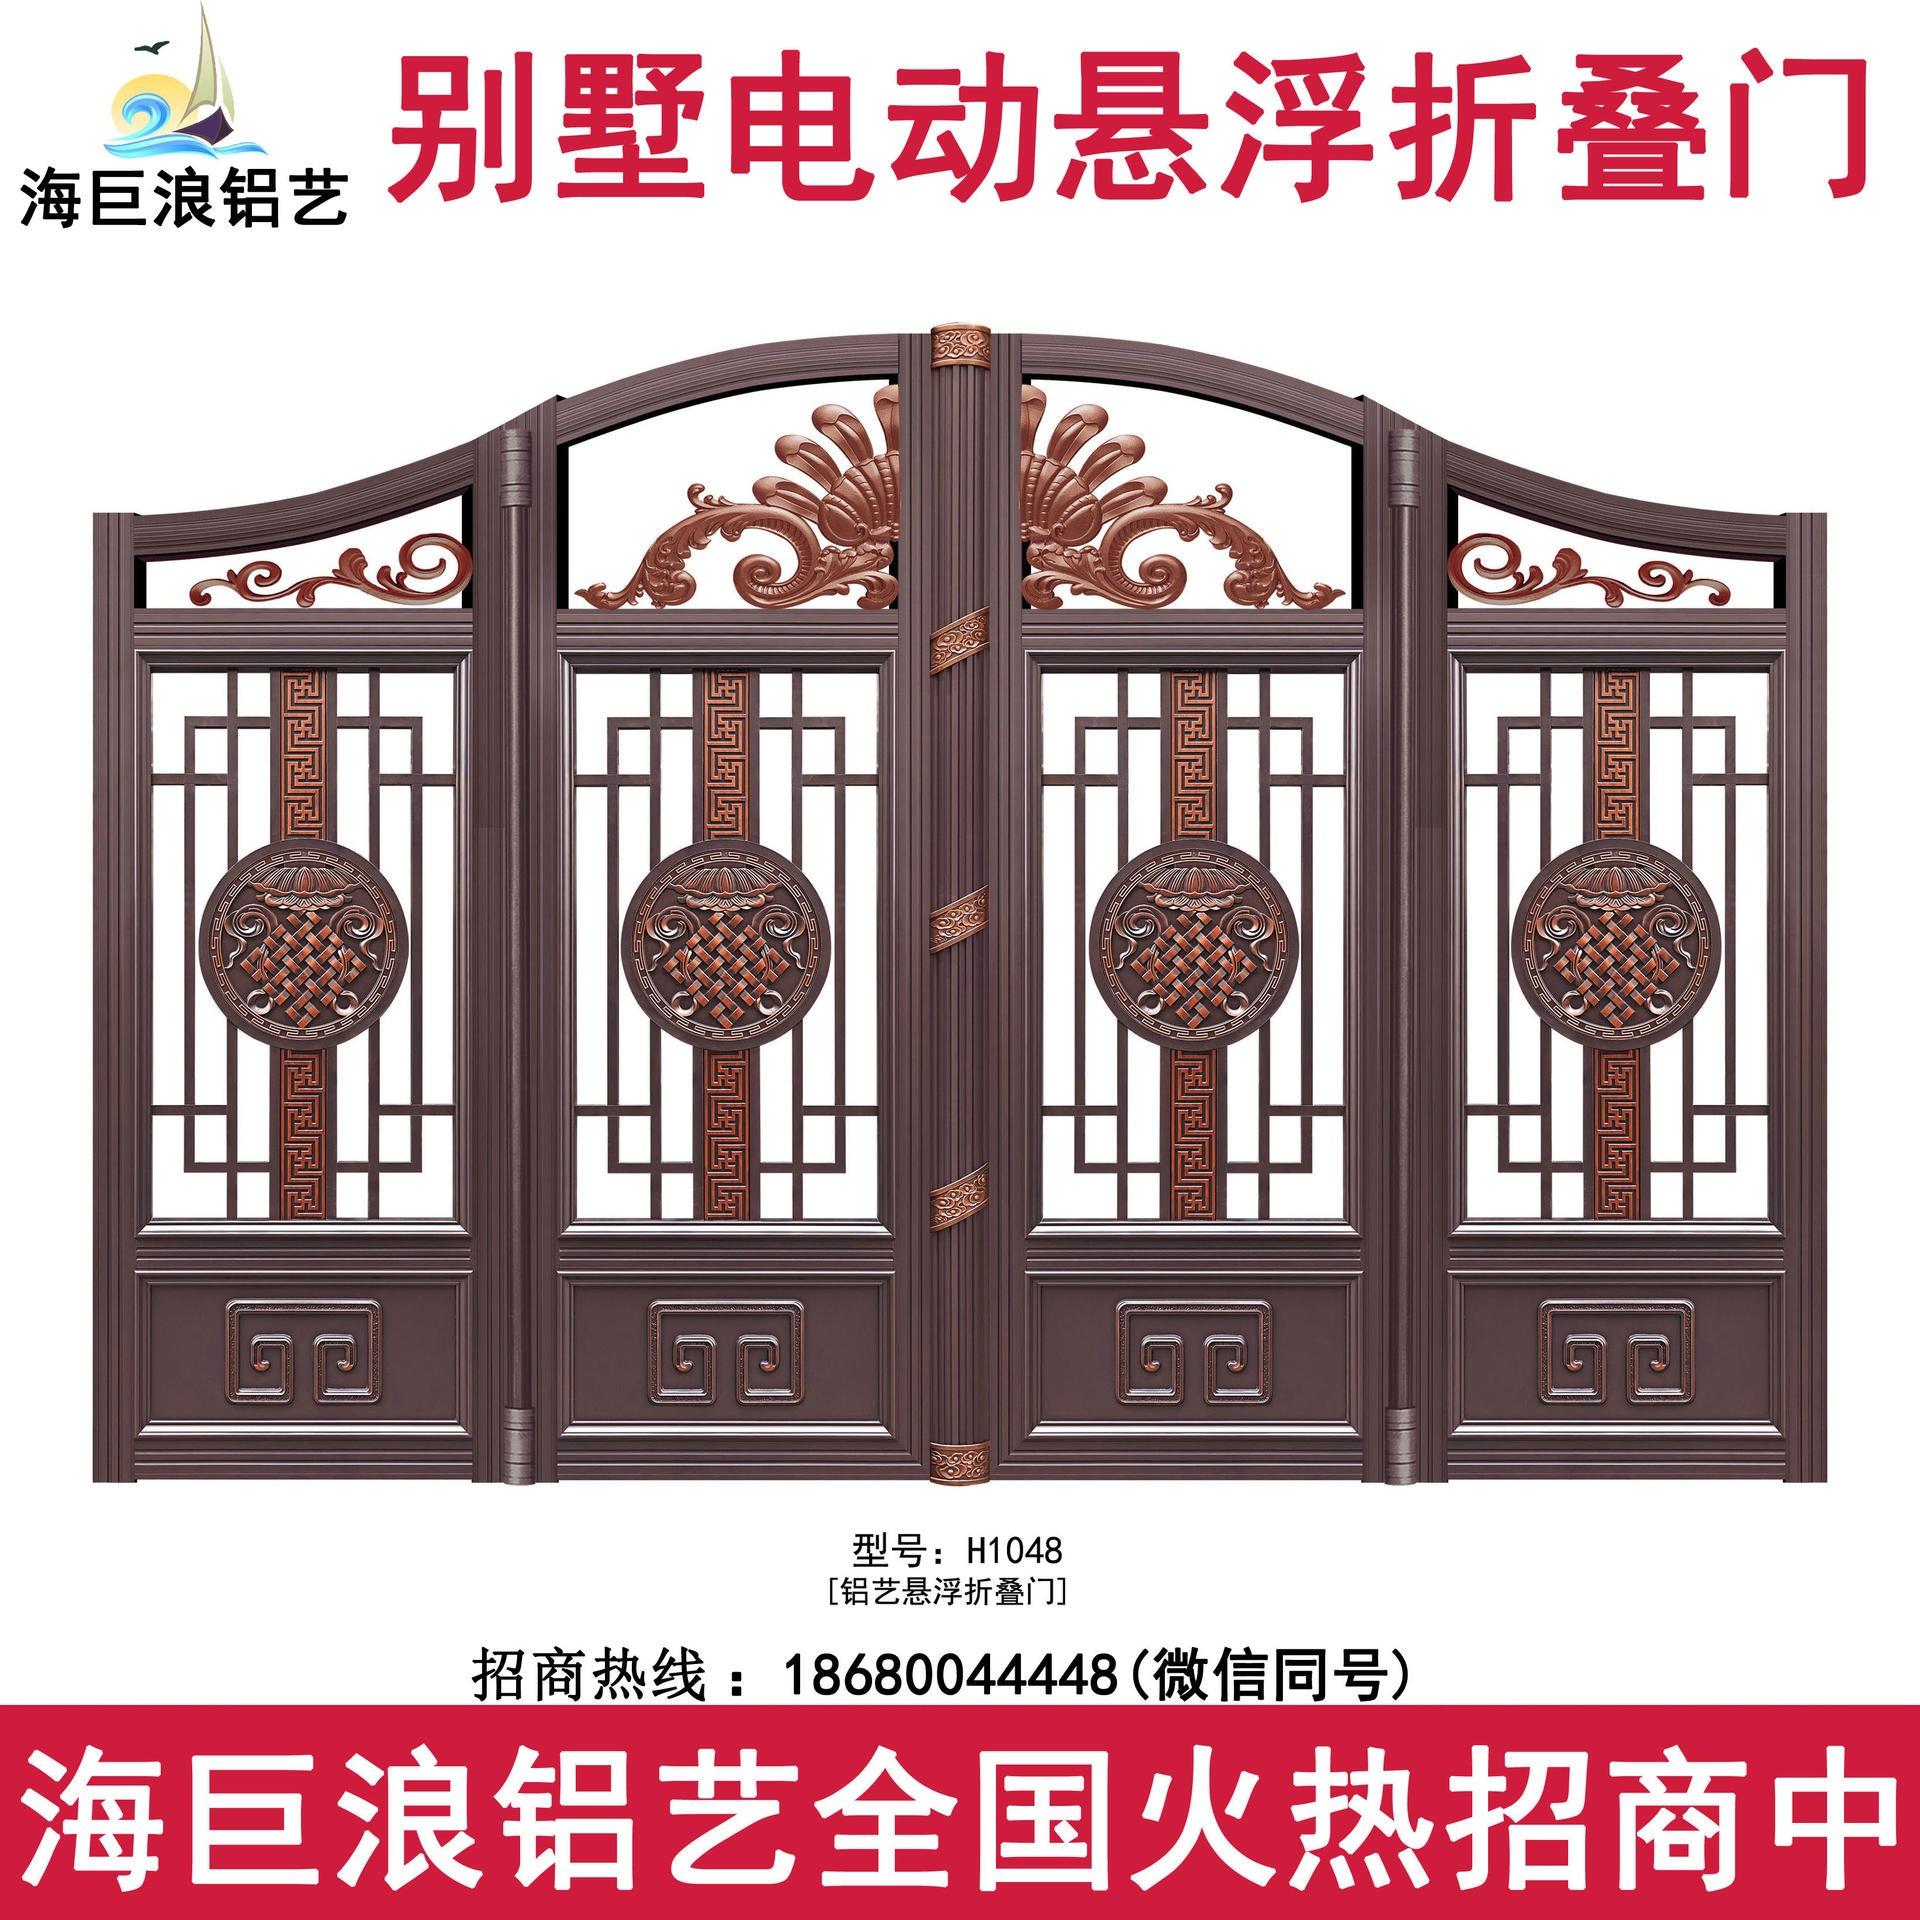 鋁合金別墅折疊門 小區入戶門生產廠家 別墅電動懸浮折疊門